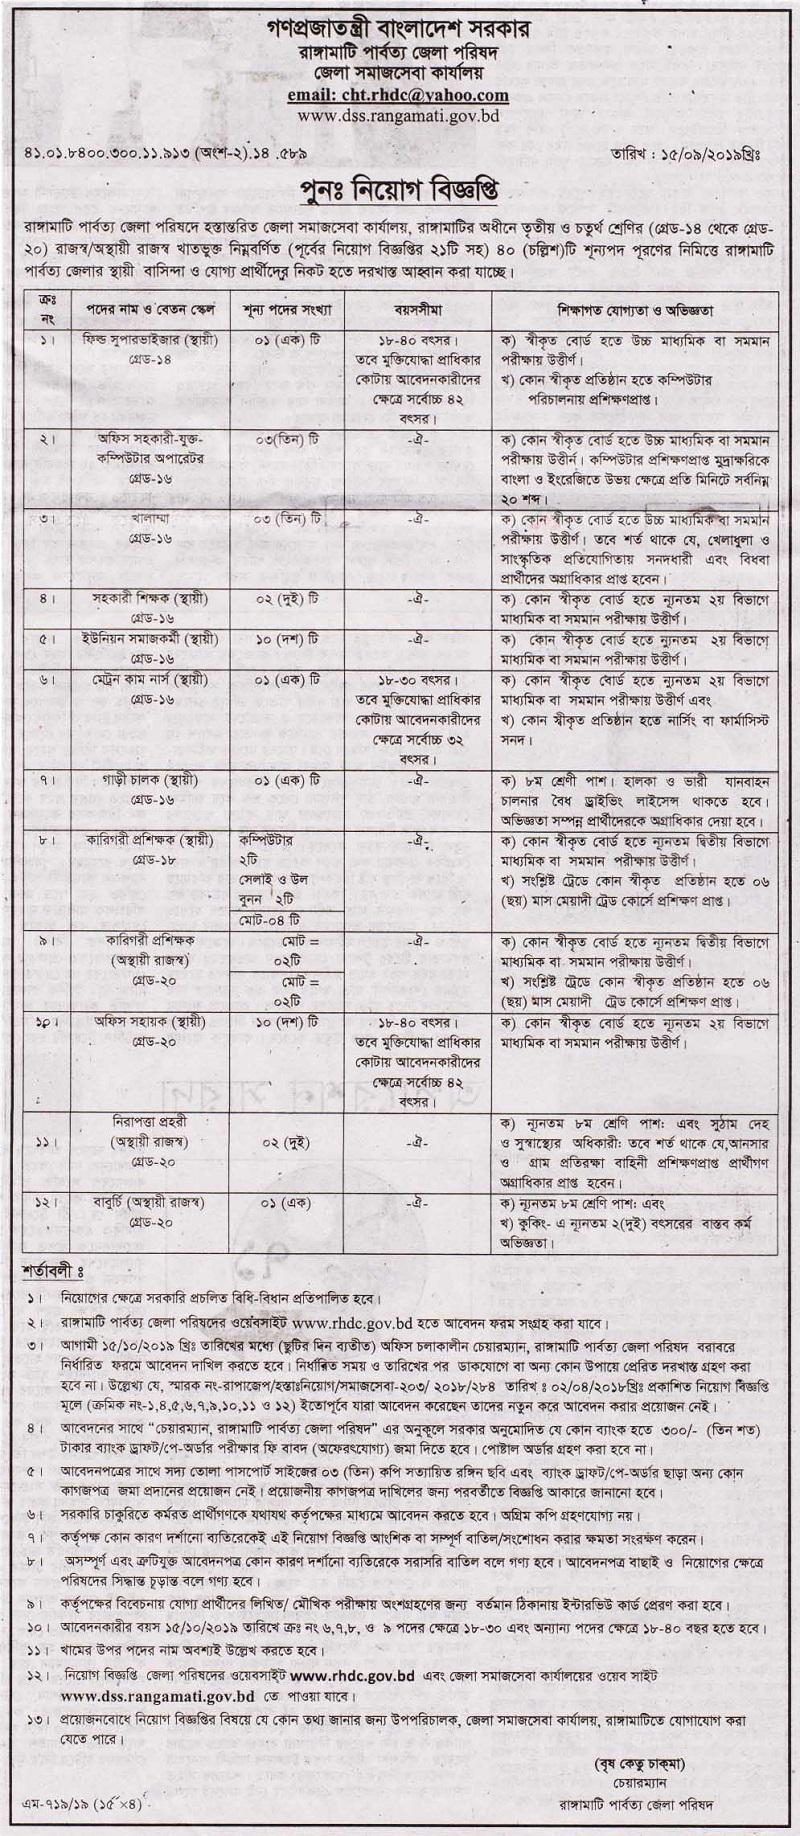 Rangamati Hill District Council Job Circular 2019